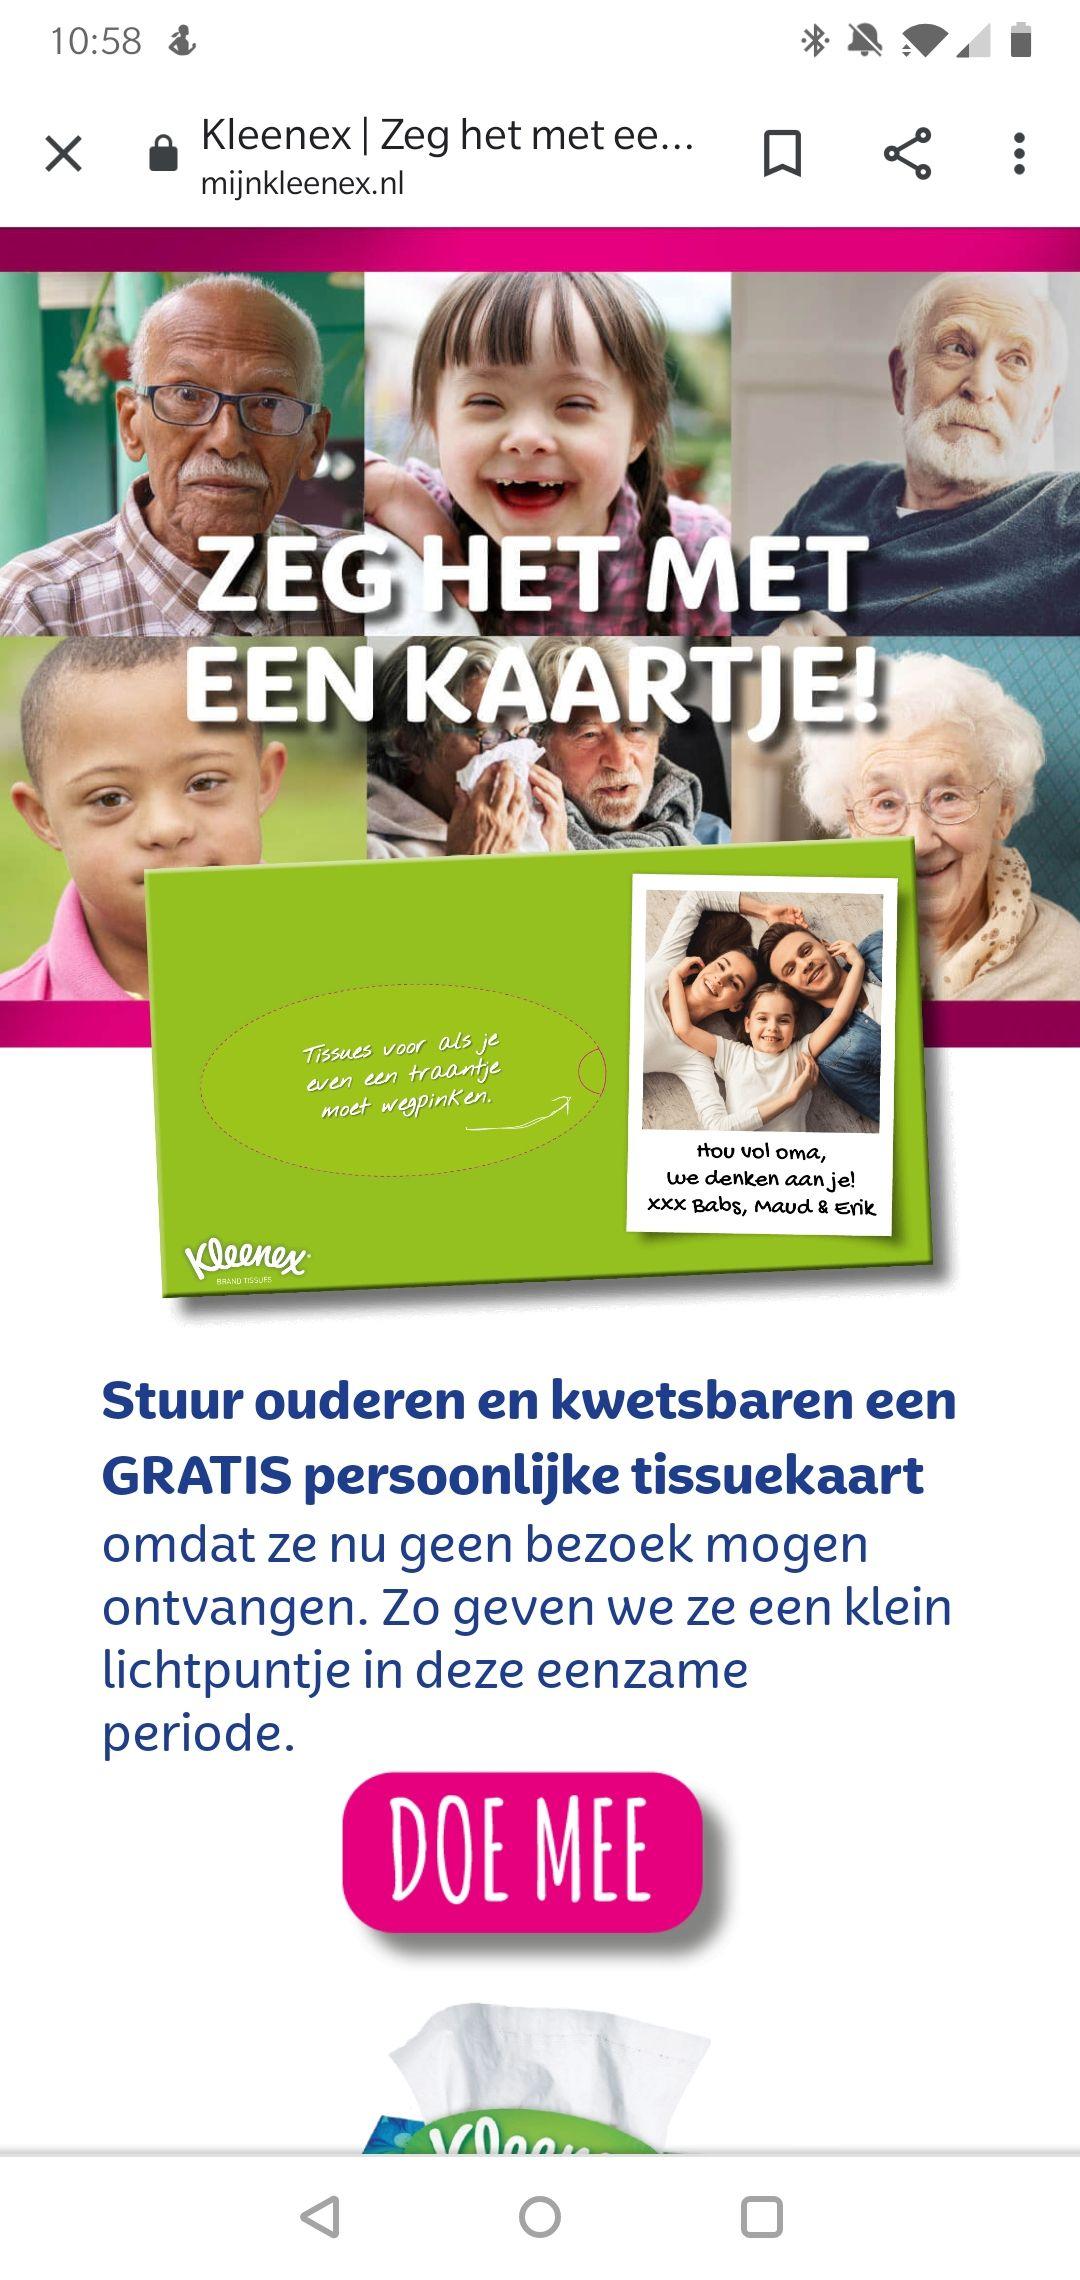 Stuur ouderen en kwetsbaren een gratis Kleenex tissuebox-kaartje!